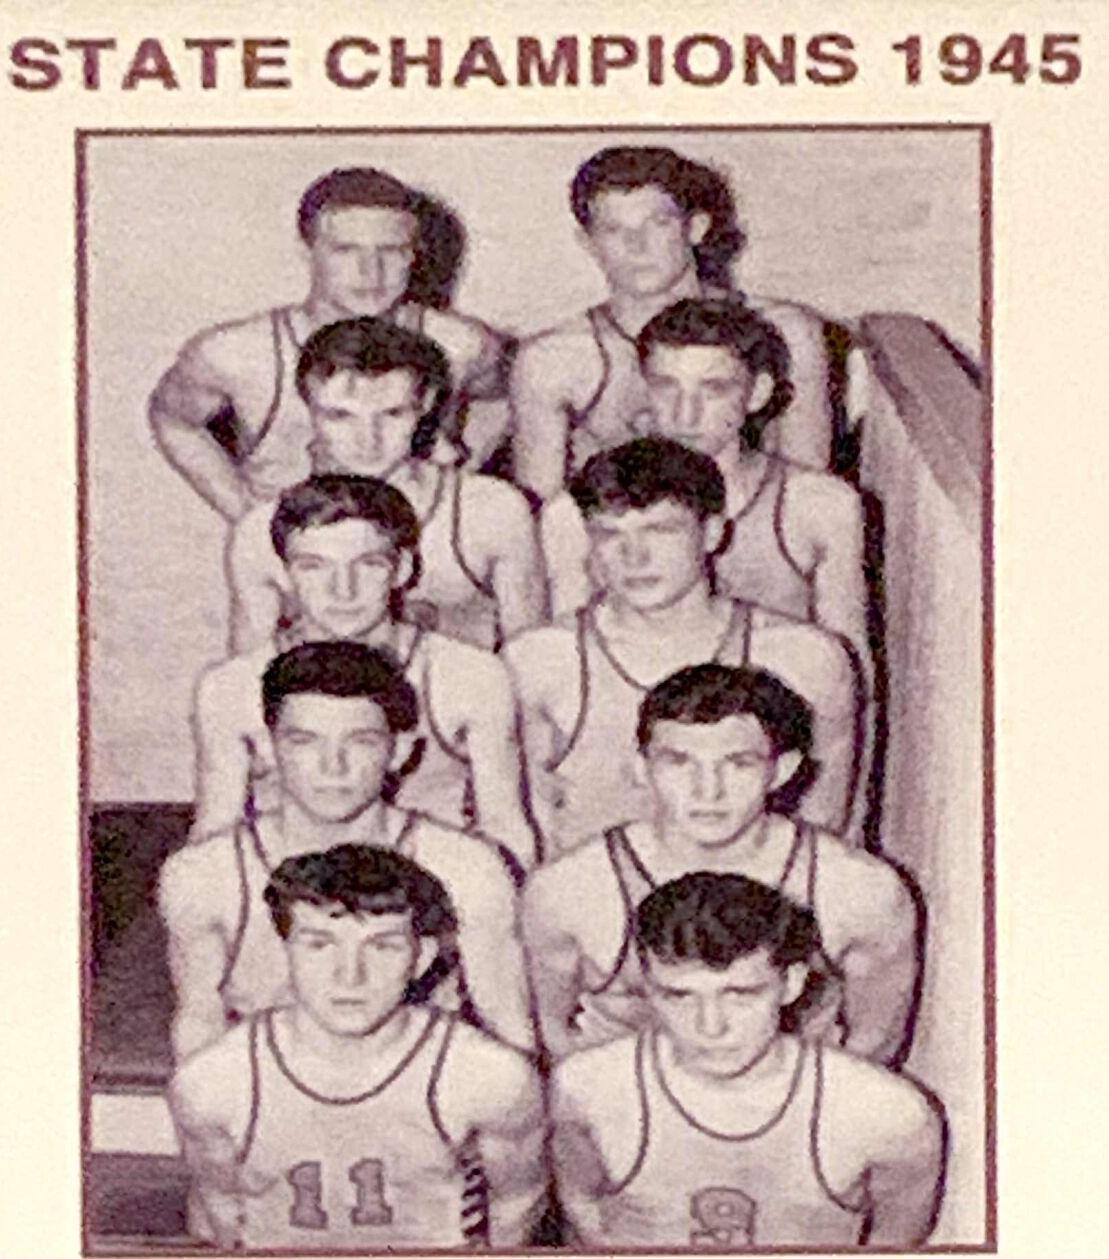 Dobyns-Bennett state title team, 1945